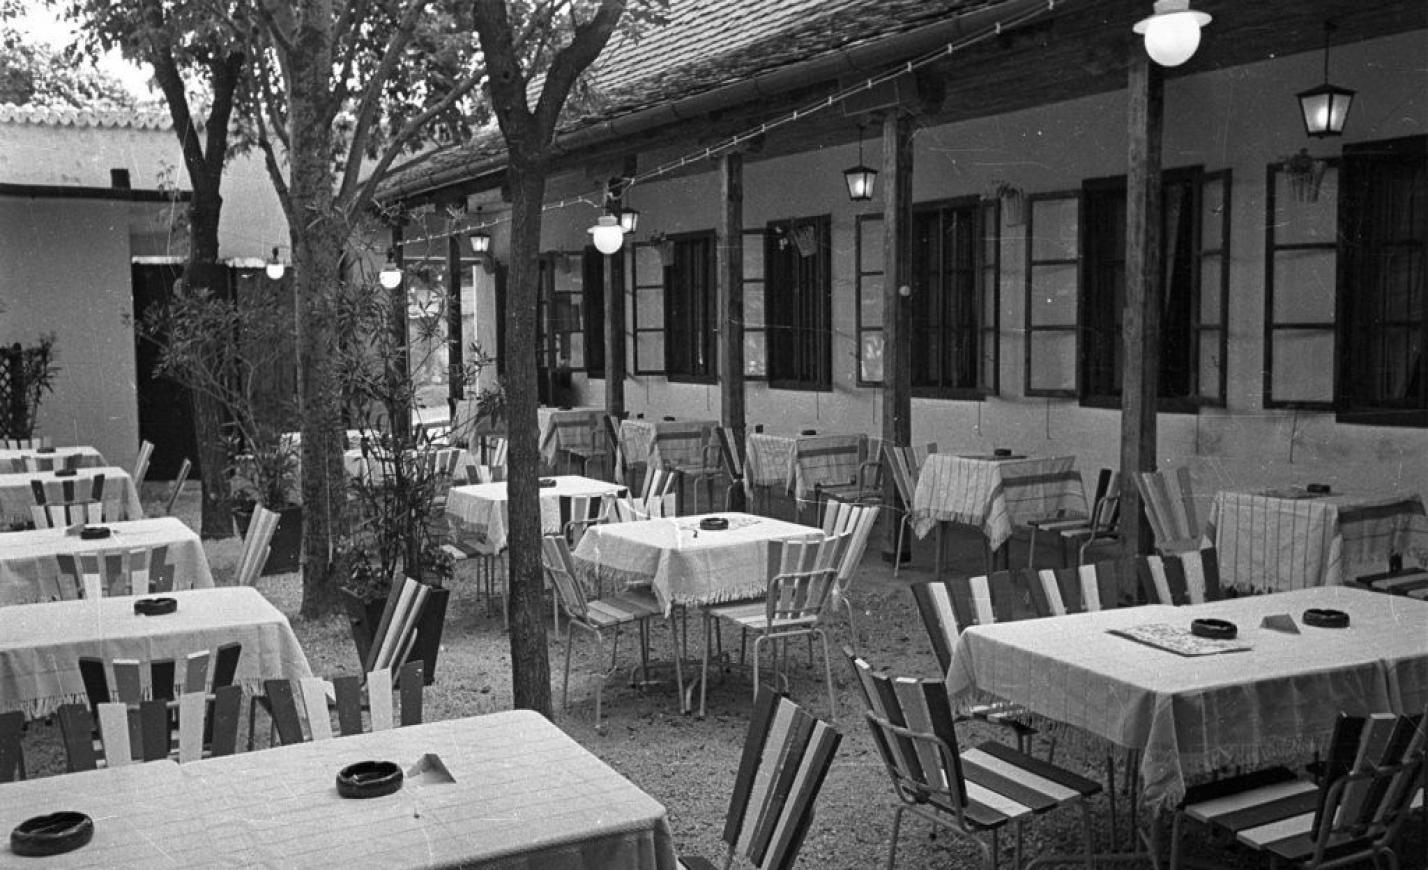 Közel kétszázötven év után nyom nélkül eltűnt a főváros egyik legidősebb étterme